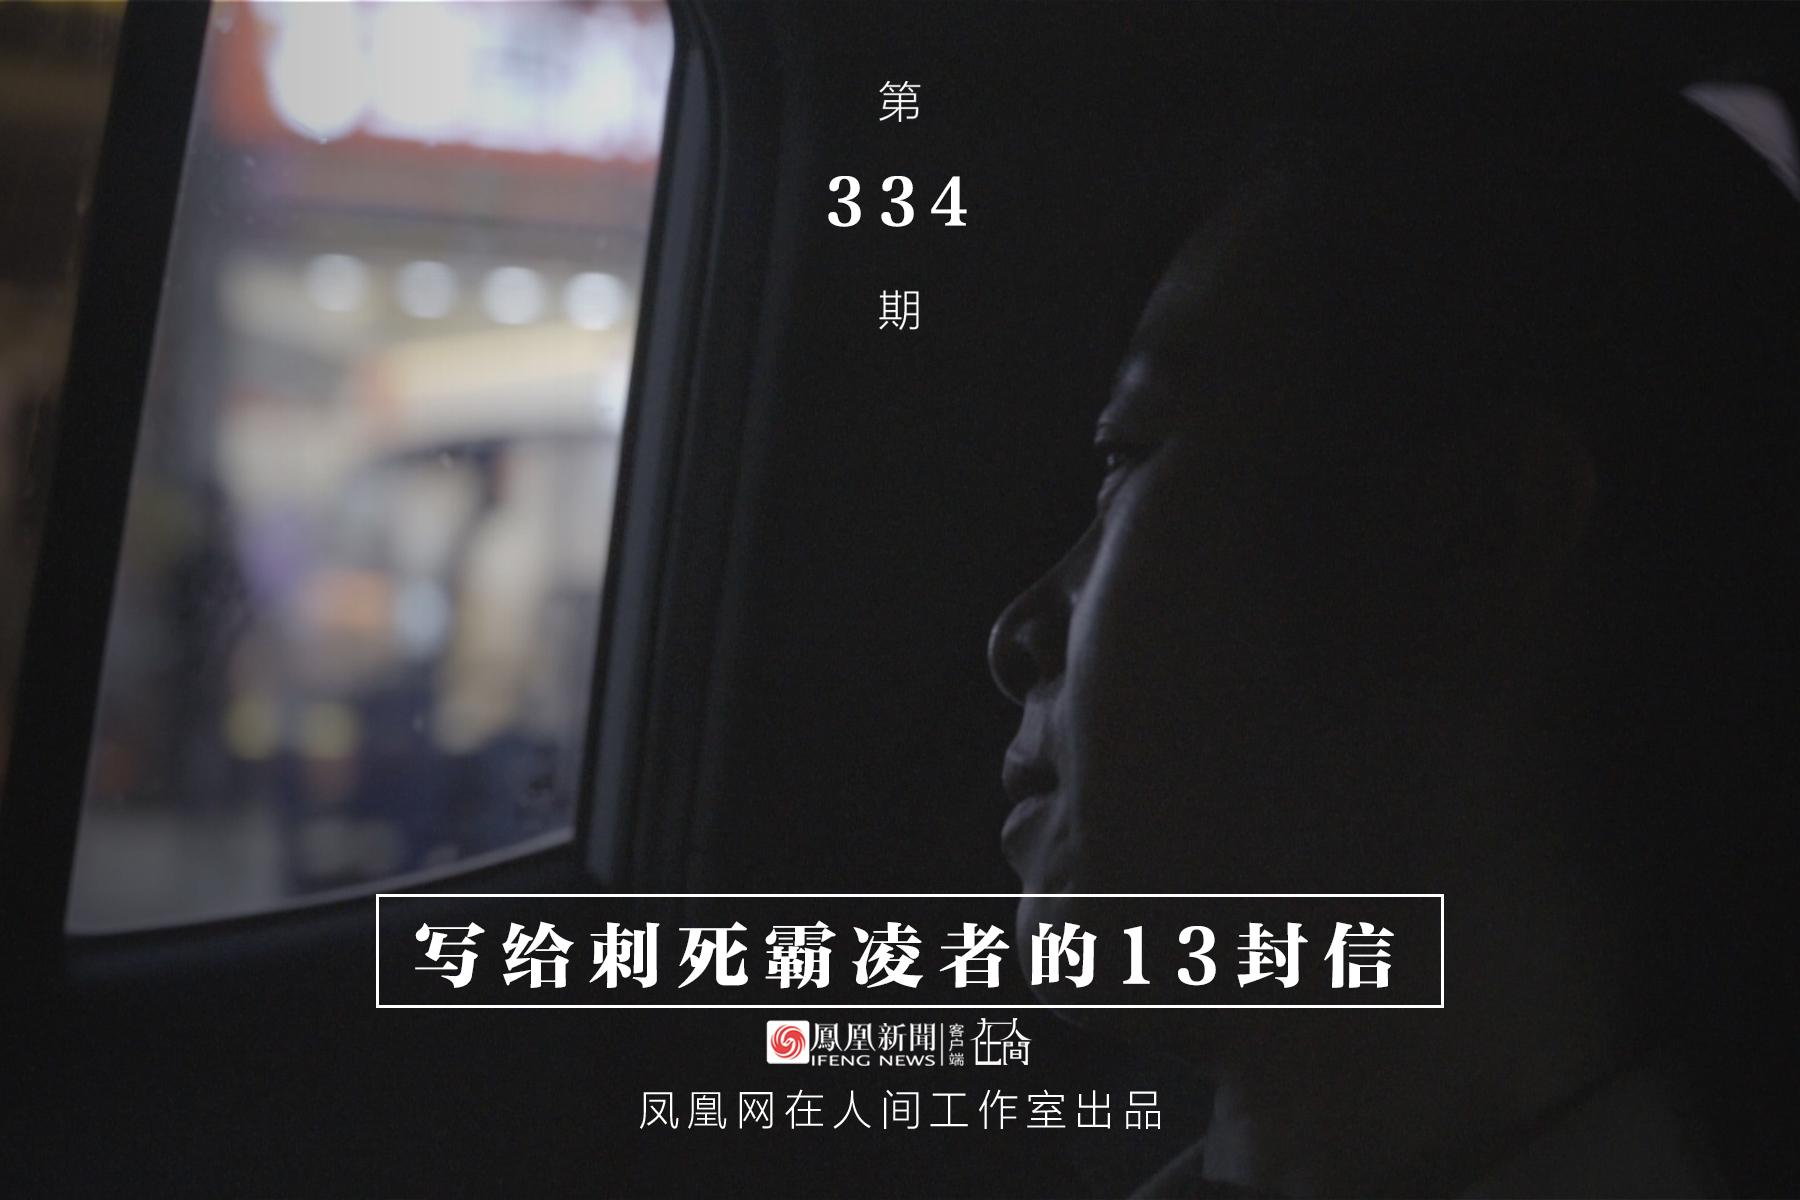 北京刘琪_松树的风格_如何优化搜索引擎